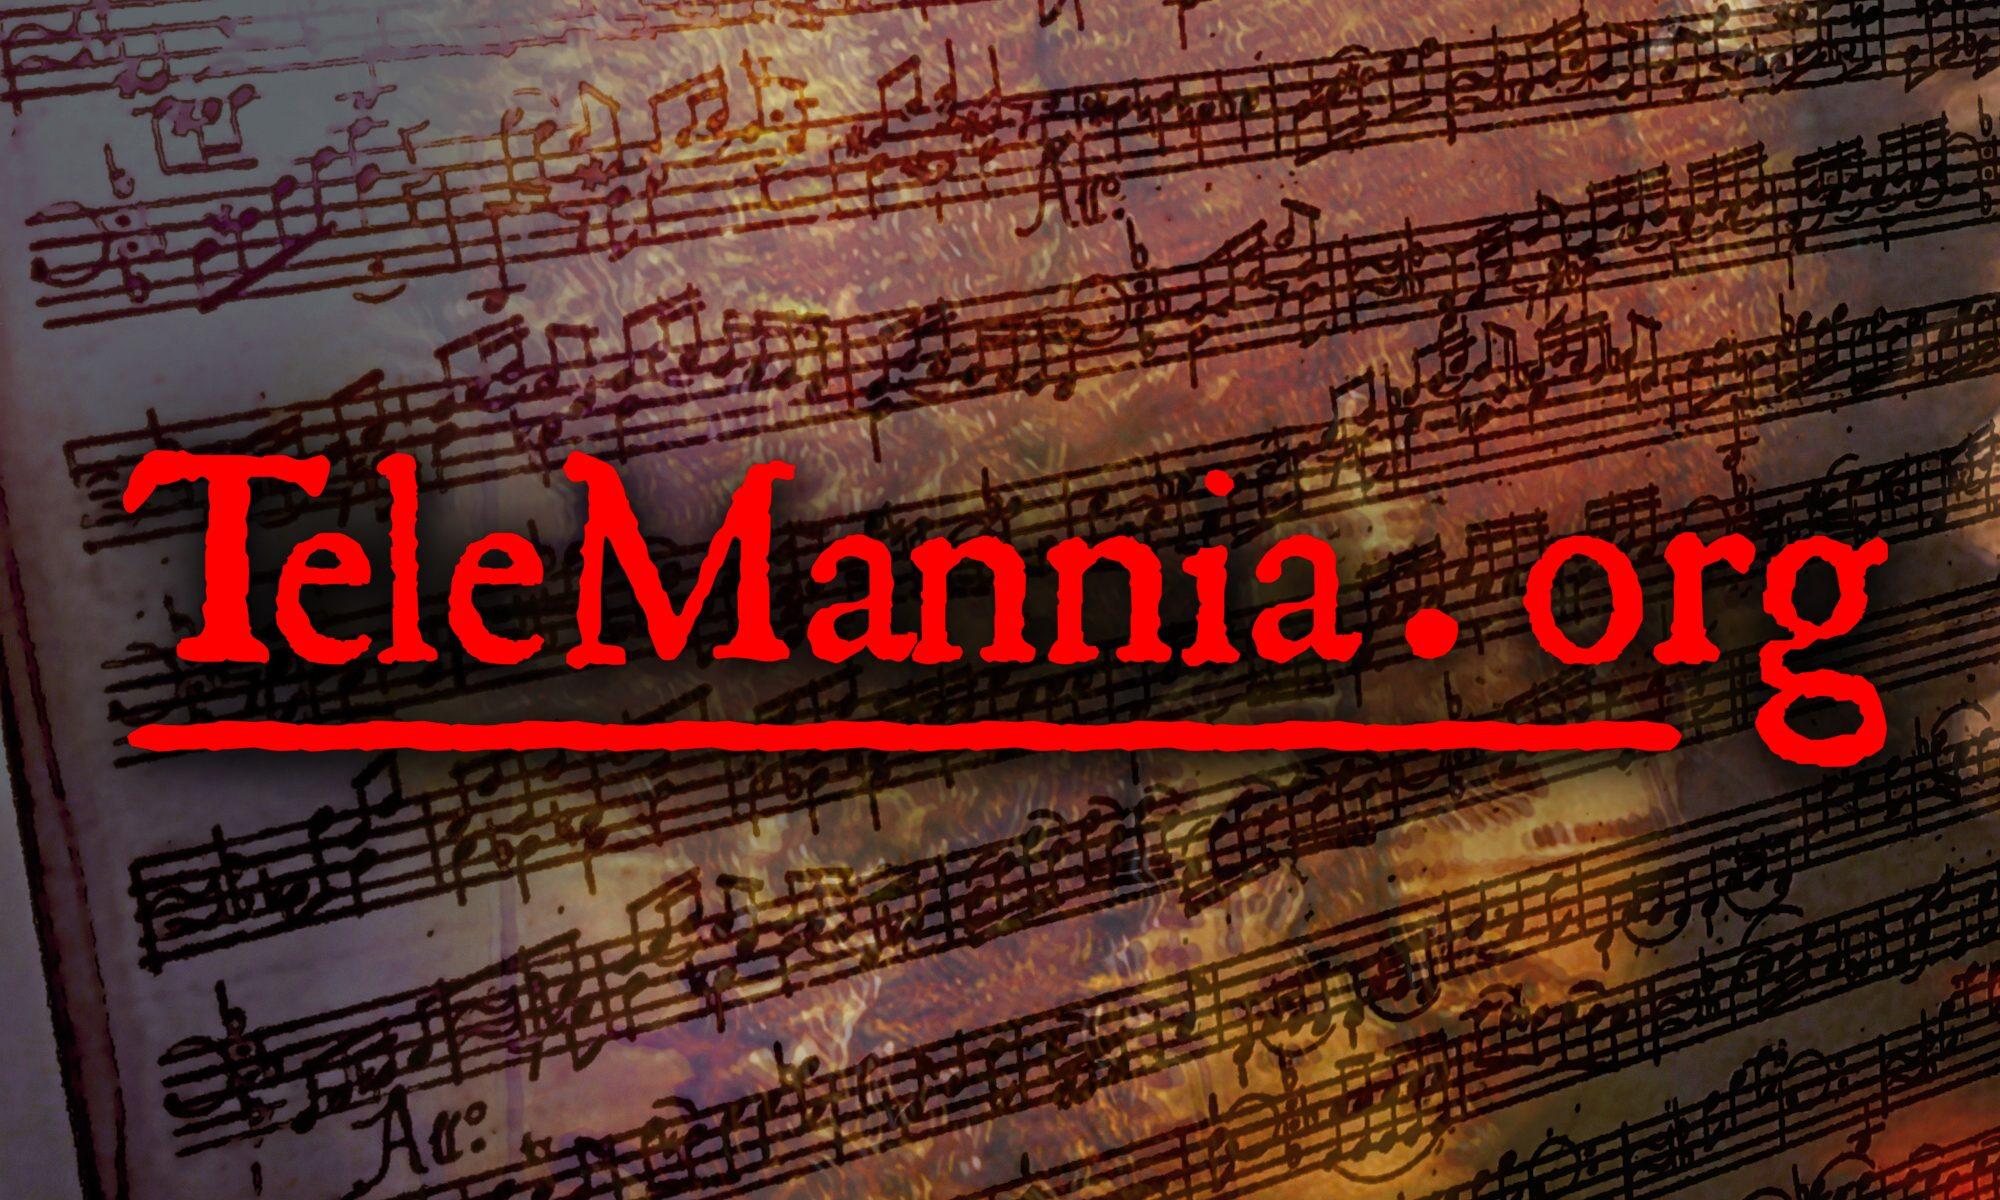 TeleMannia.org